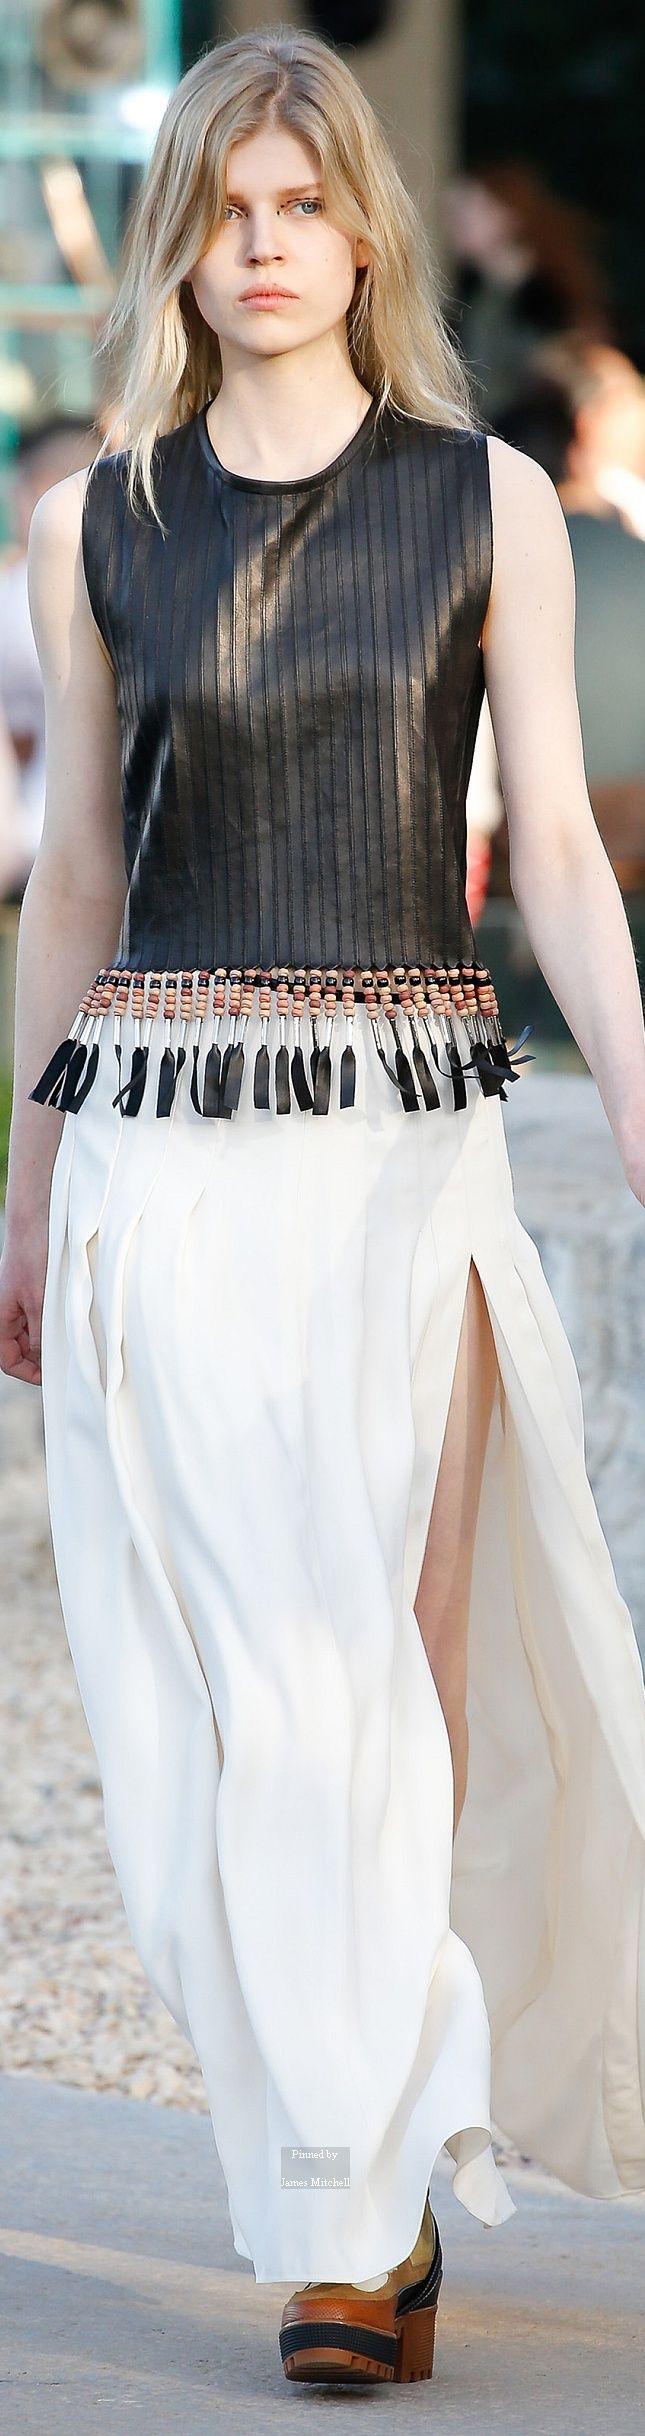 Louis Vuitton ~ Black Textured Leather Sleeveless Top w  Tassel Embellishment + White Maxi Skirt Pre Spring 2016